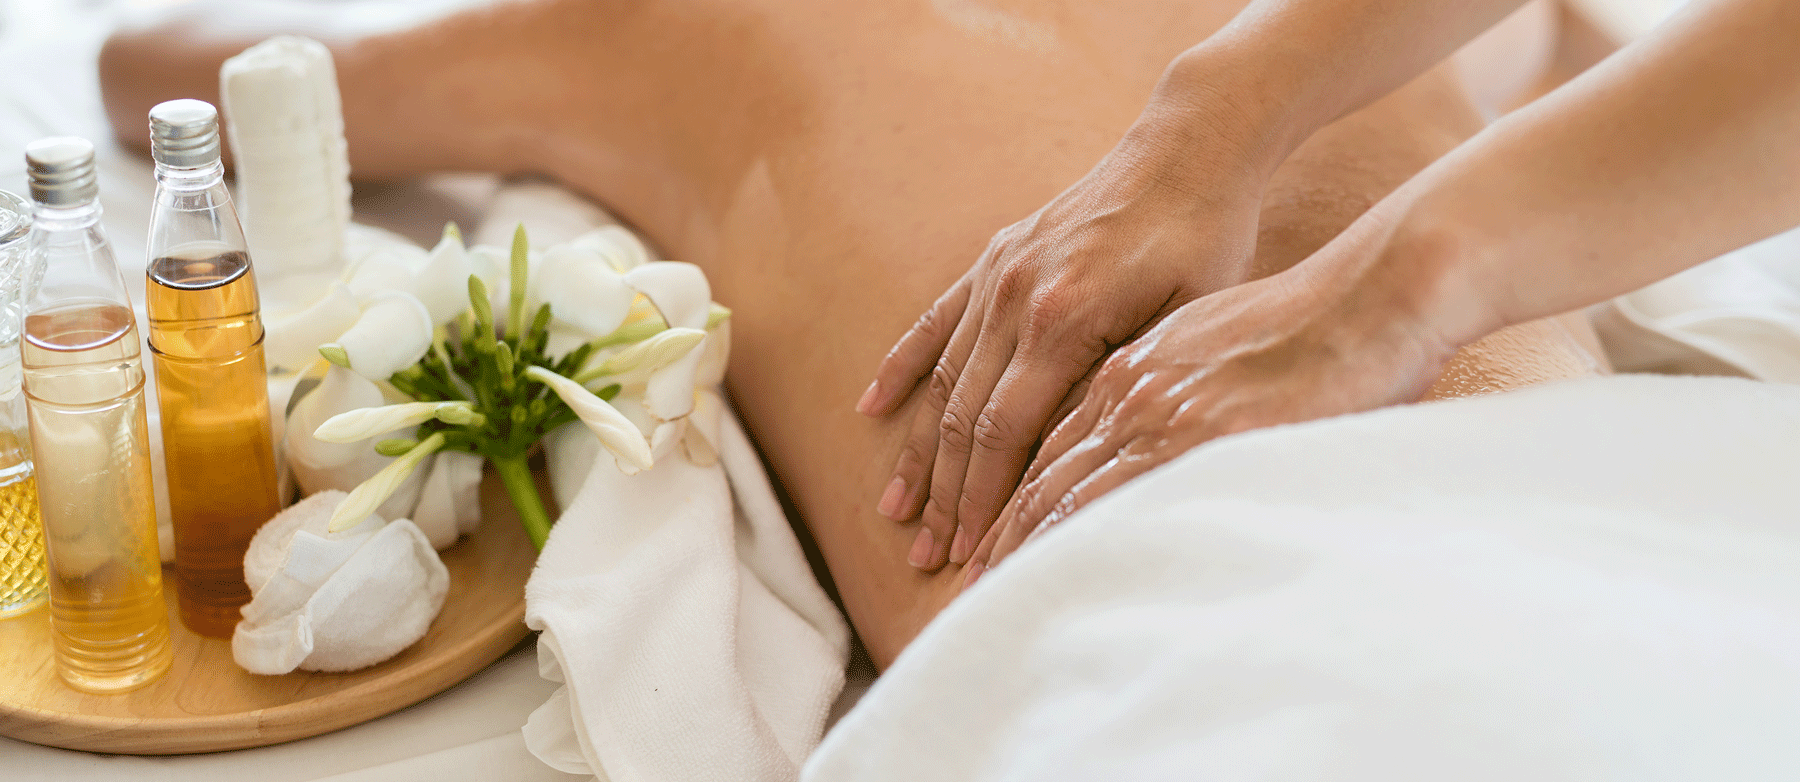 Junge Frau bei einer Massage mit Ätherischen Ölen